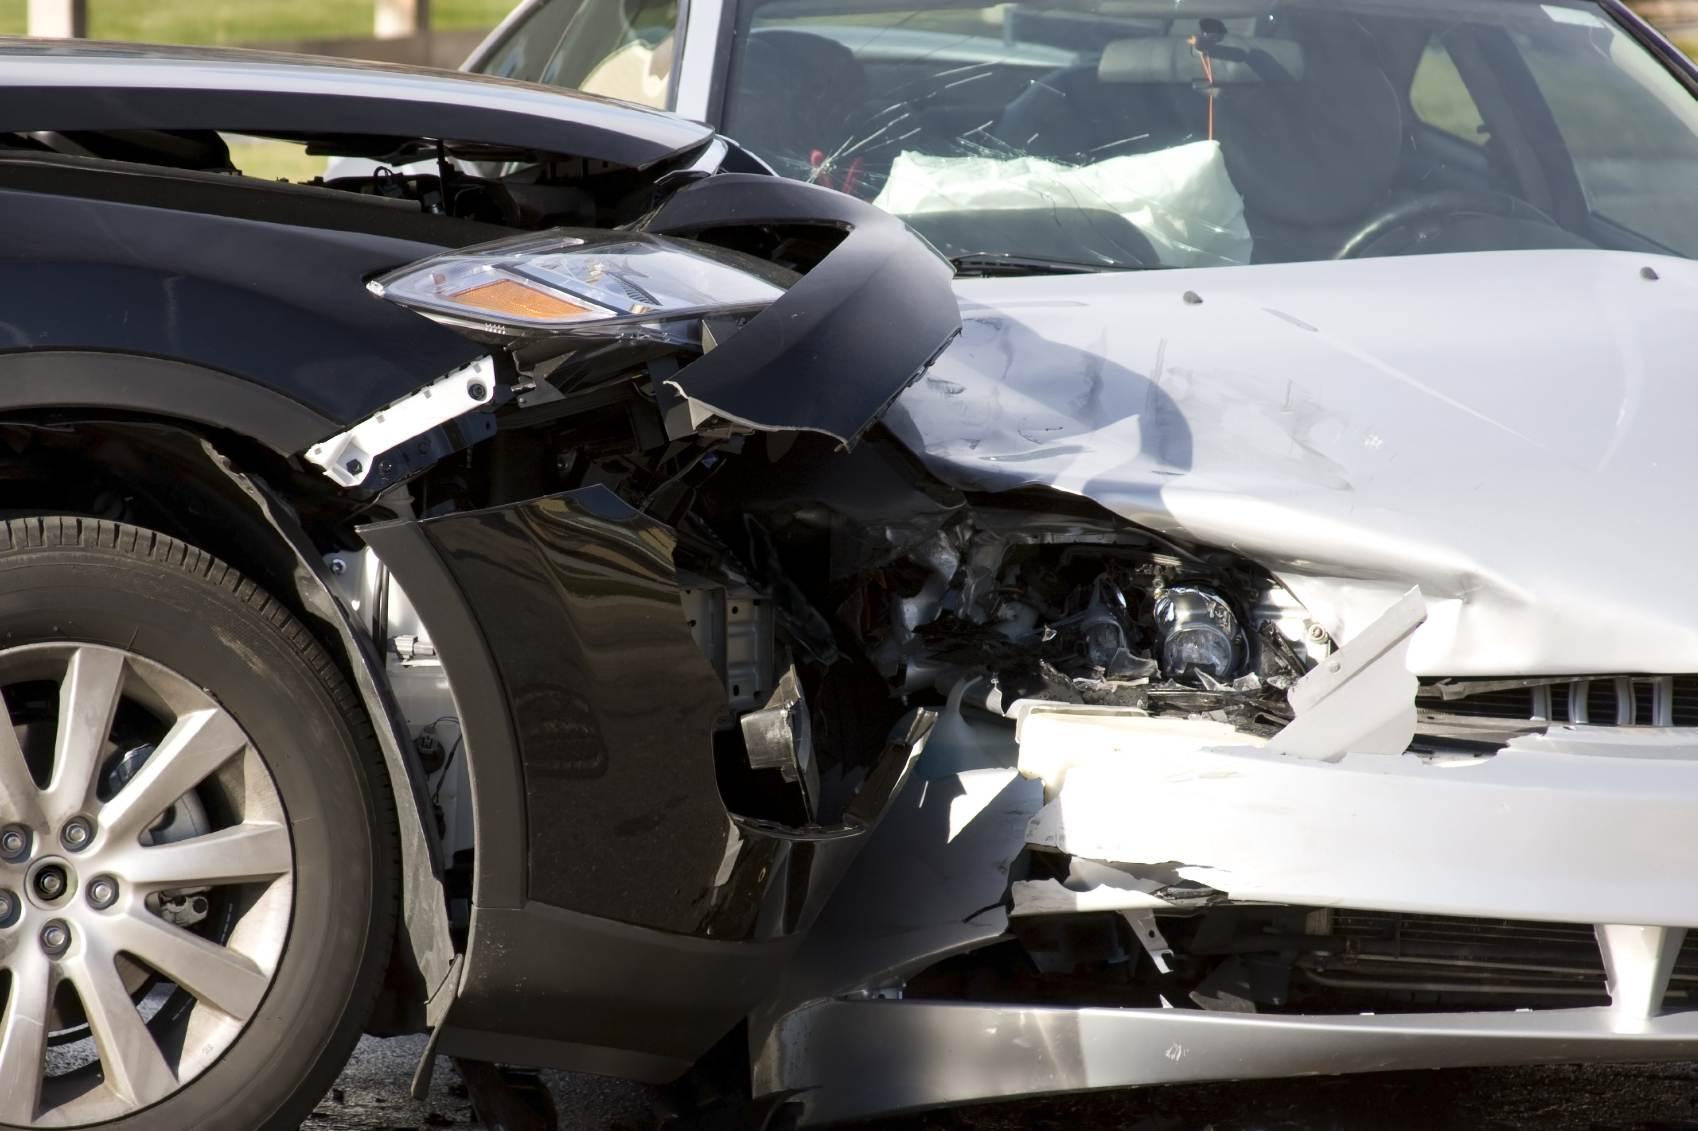 با یکبار تصادف از این پس؛ تمام تخفیف بیمه ثالث از بین نمی رود